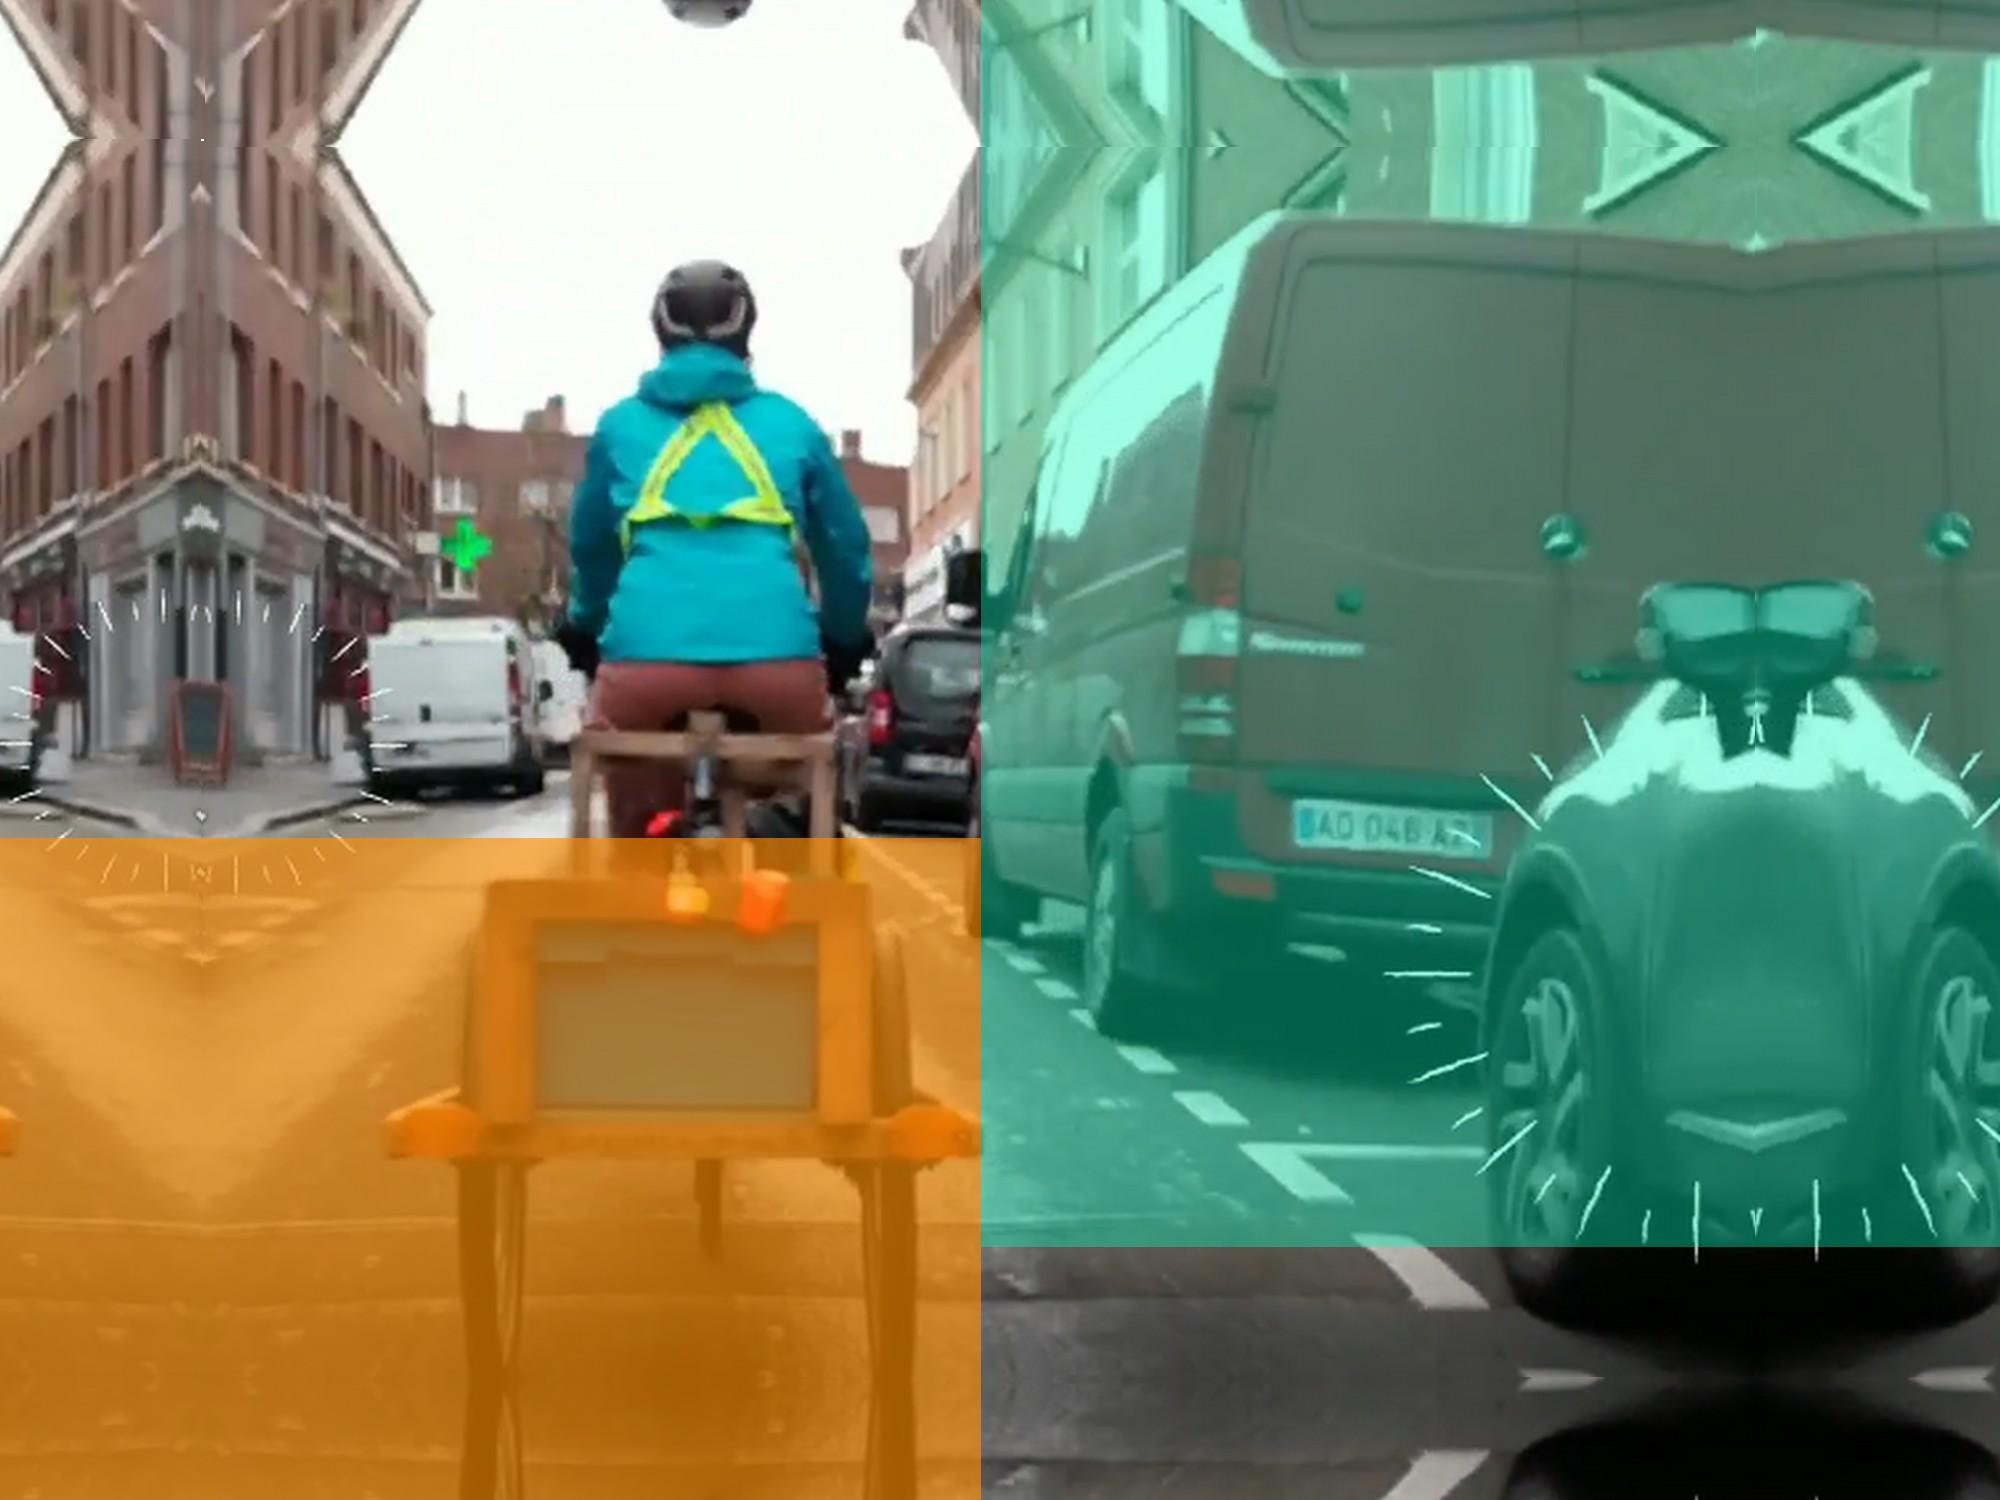 Biclo avec Les Recyclettes: collecter les déchets à vélo, sacré boulot à Amiens- épisode 3